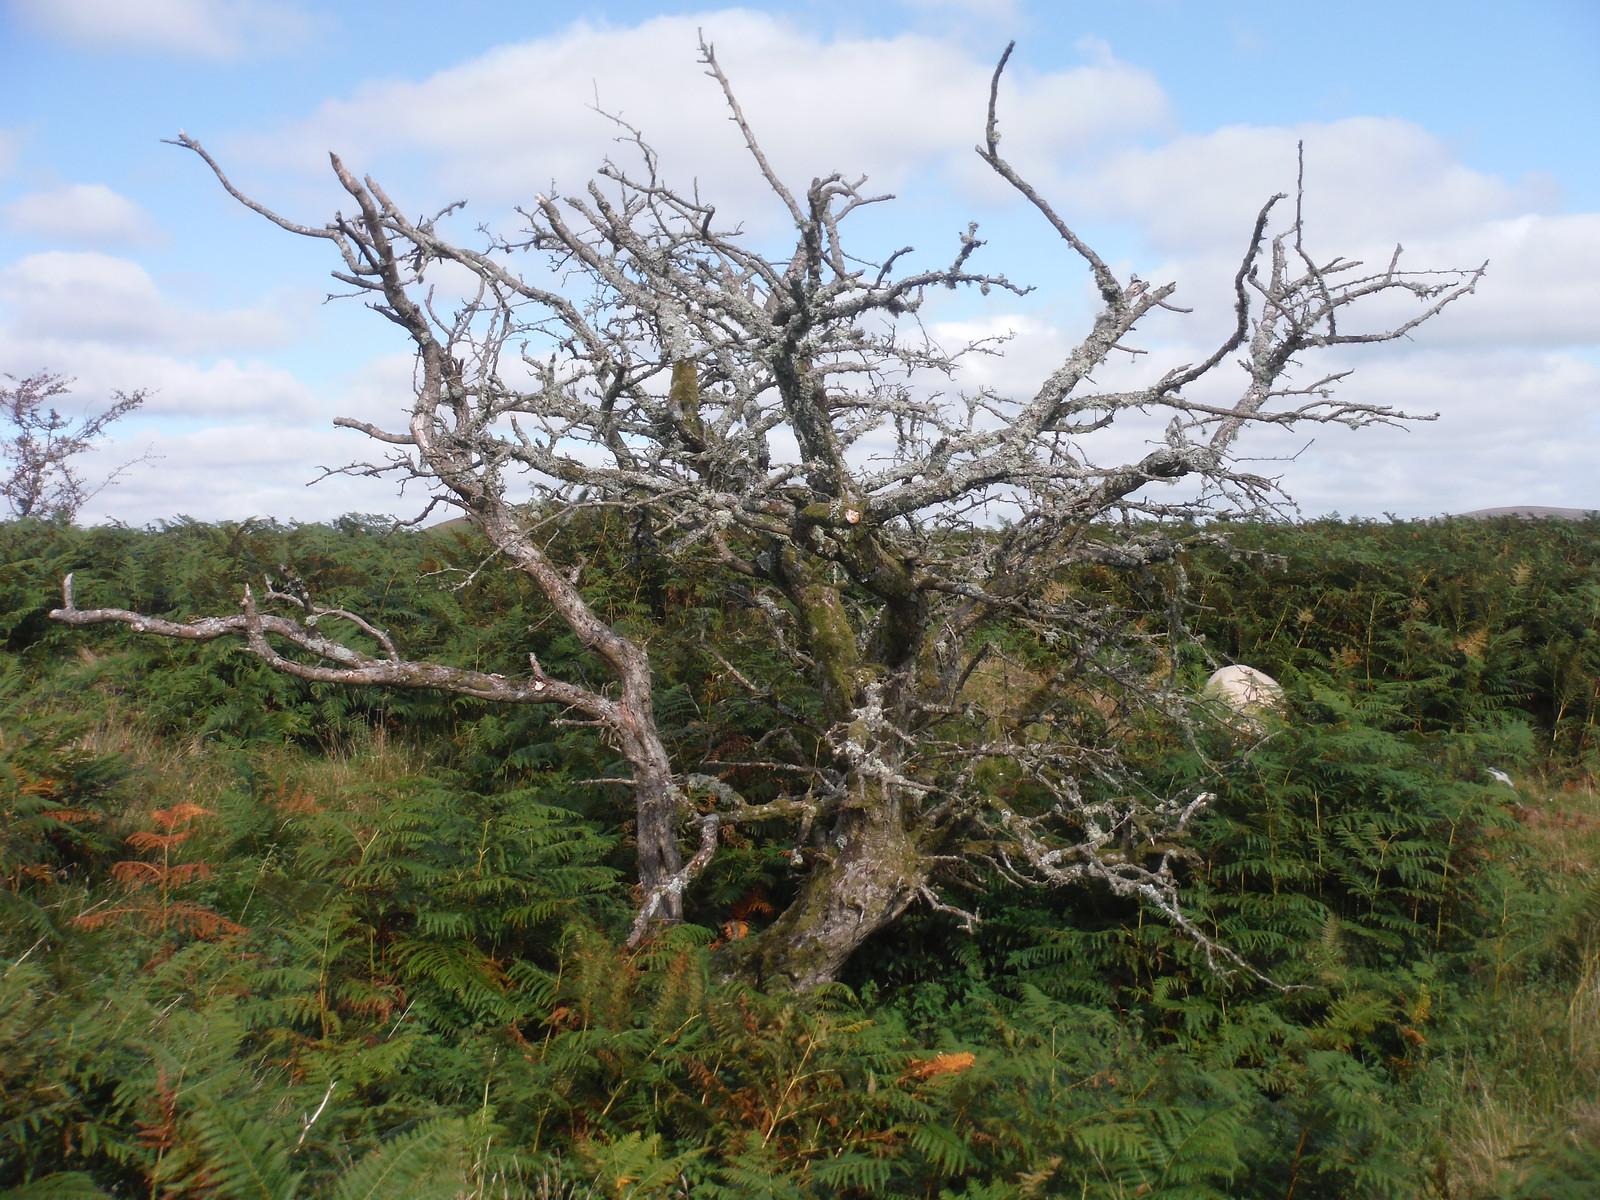 Dead Tree, Bryn Arw SWC Walk 347 - Llanvihangel Crucorney Circular (via Bryn Arw and The Skirrid)